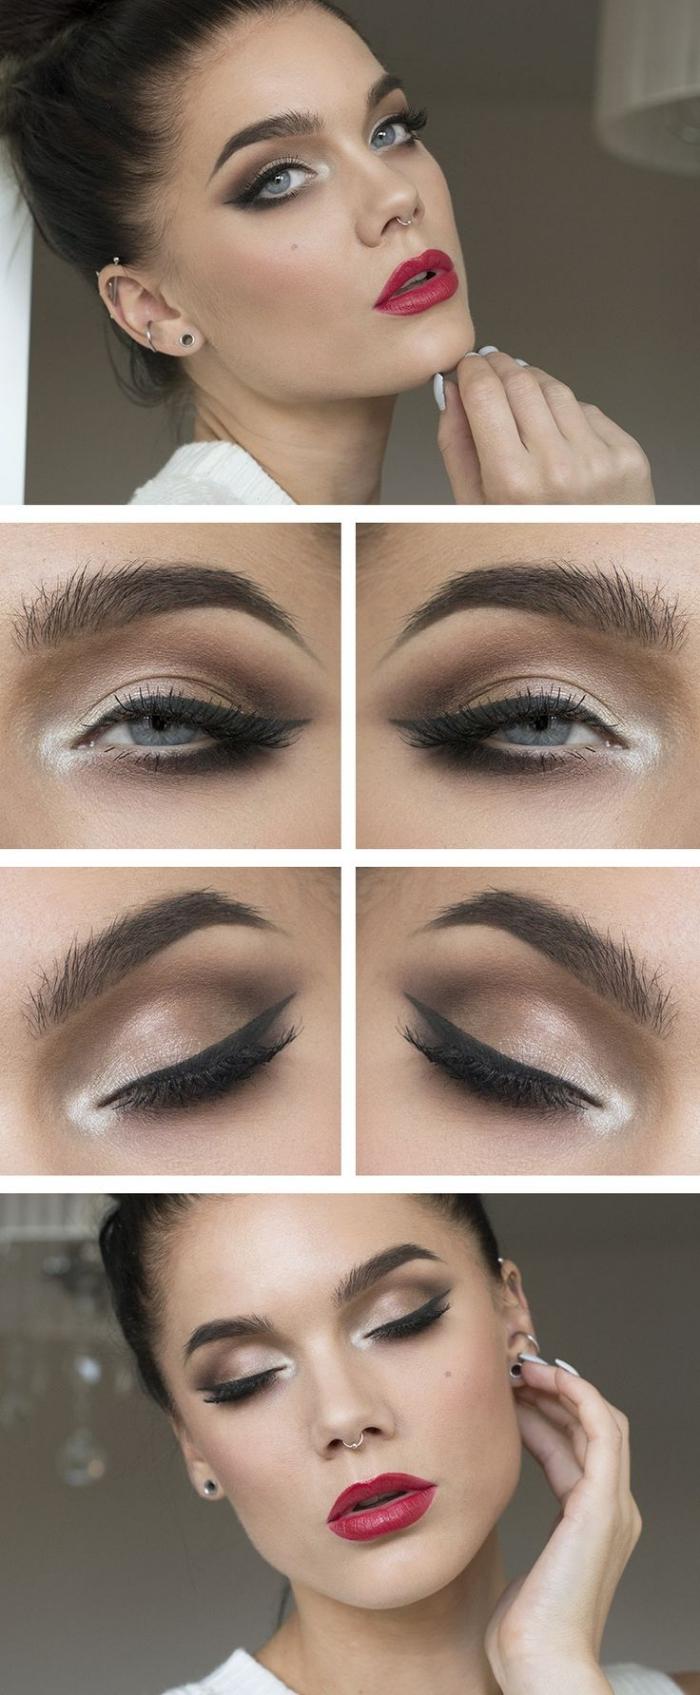 makeup per le occasioni speciali, trucco occhi azzurri con eye liner nero e ombretto nude, labbra rosse